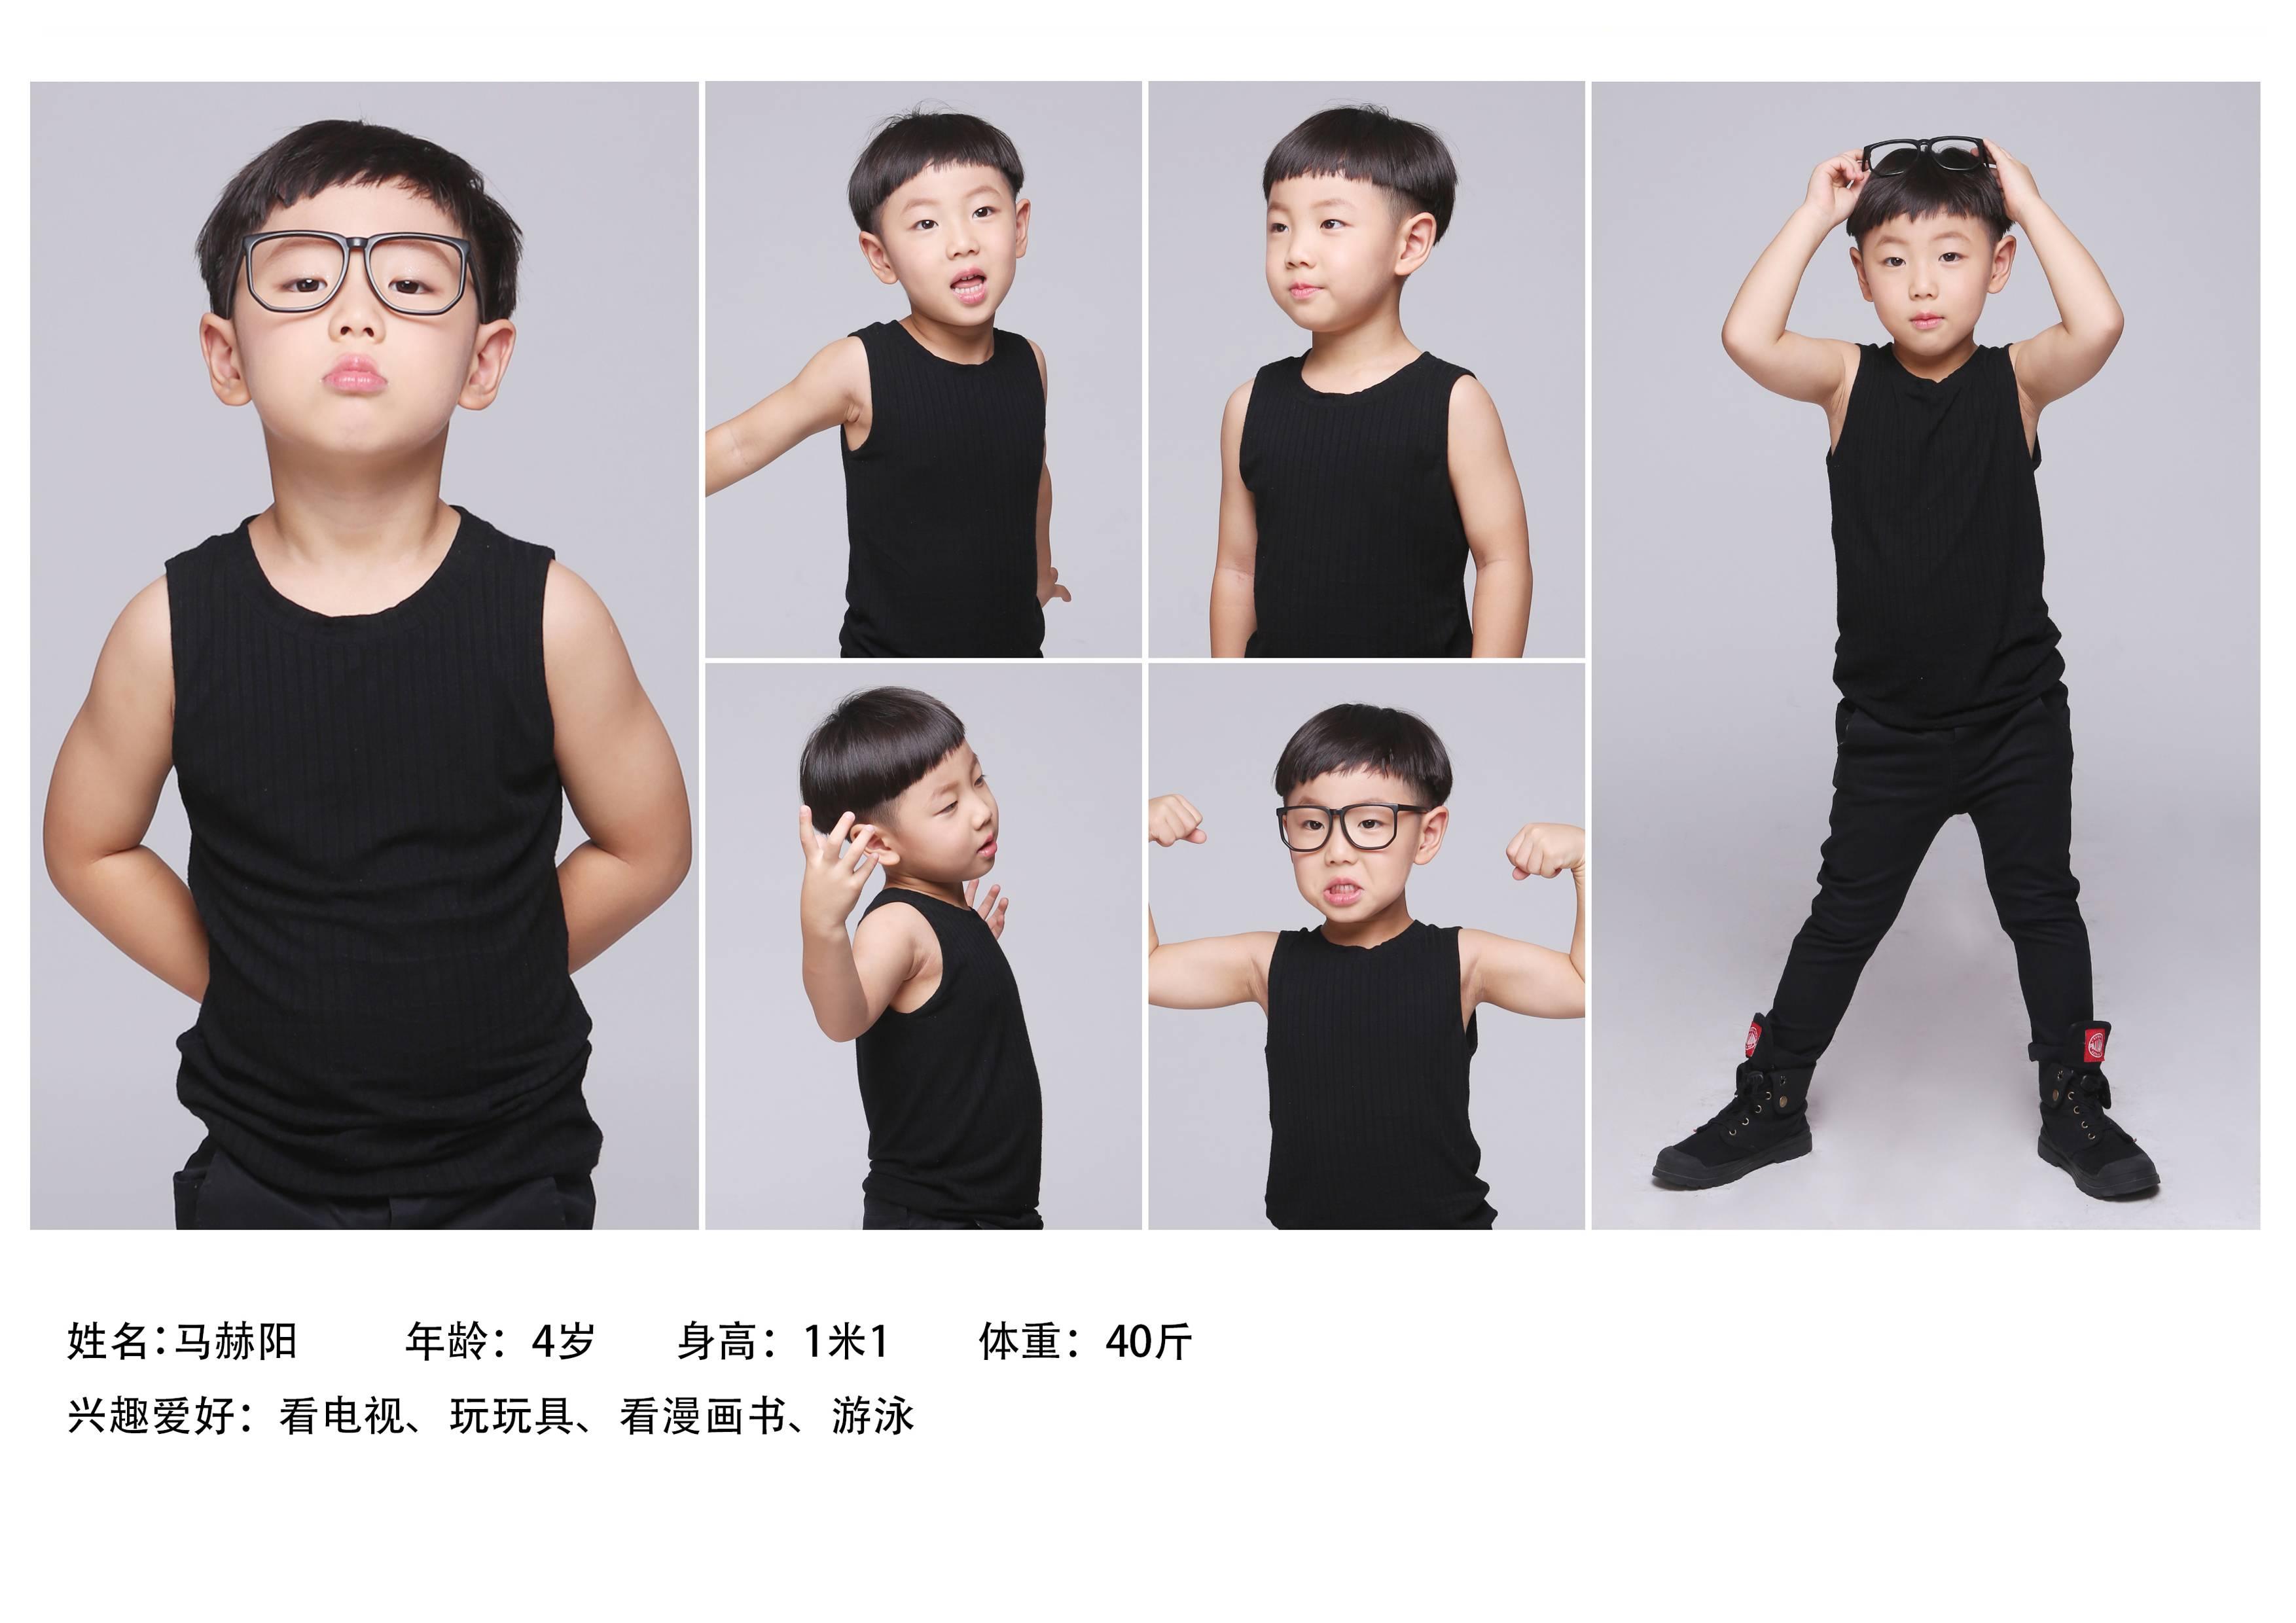 小演员马赫阳